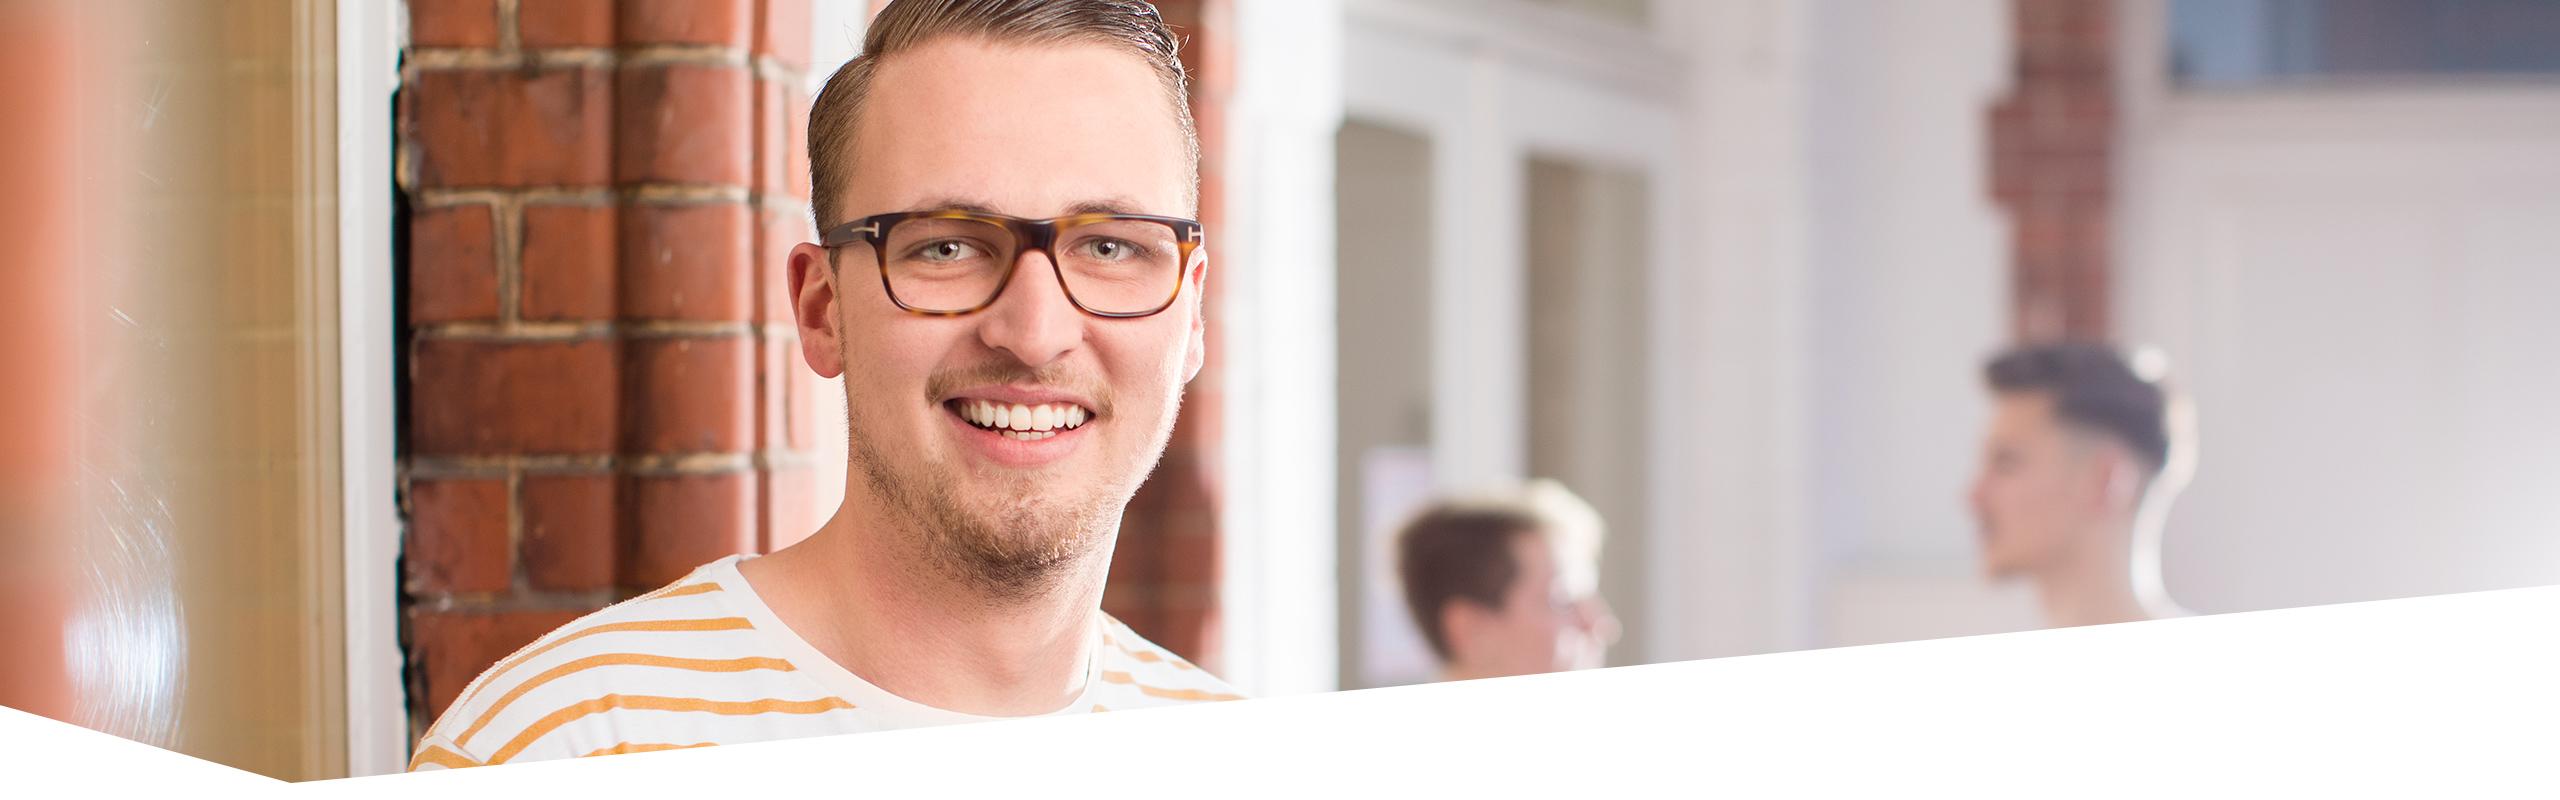 Gesicht von Berufstätigem, der Betrachter anlächelt, zwei Berufstätige sprechen im Hintergrund miteinander